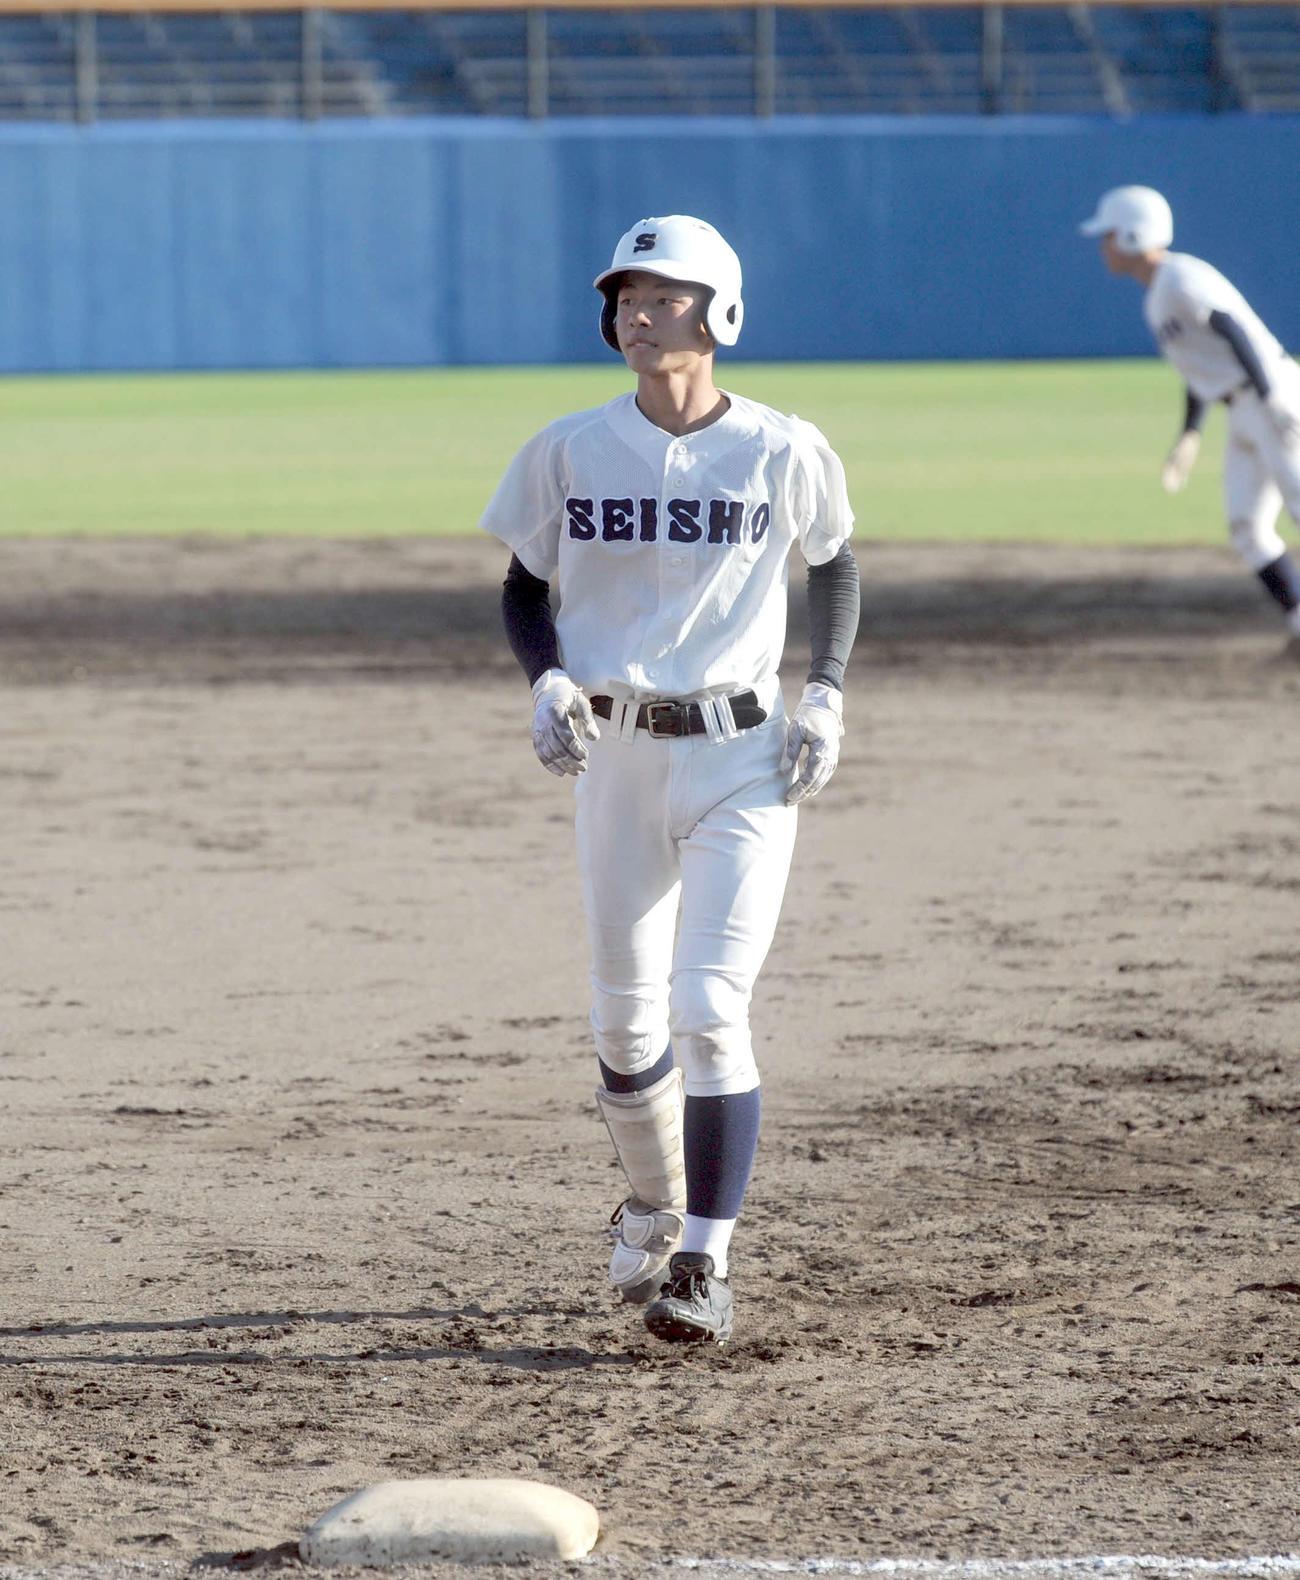 4点を追う4回に左前への2点適時打を放った静岡商高の大井朝日外野手(2年)